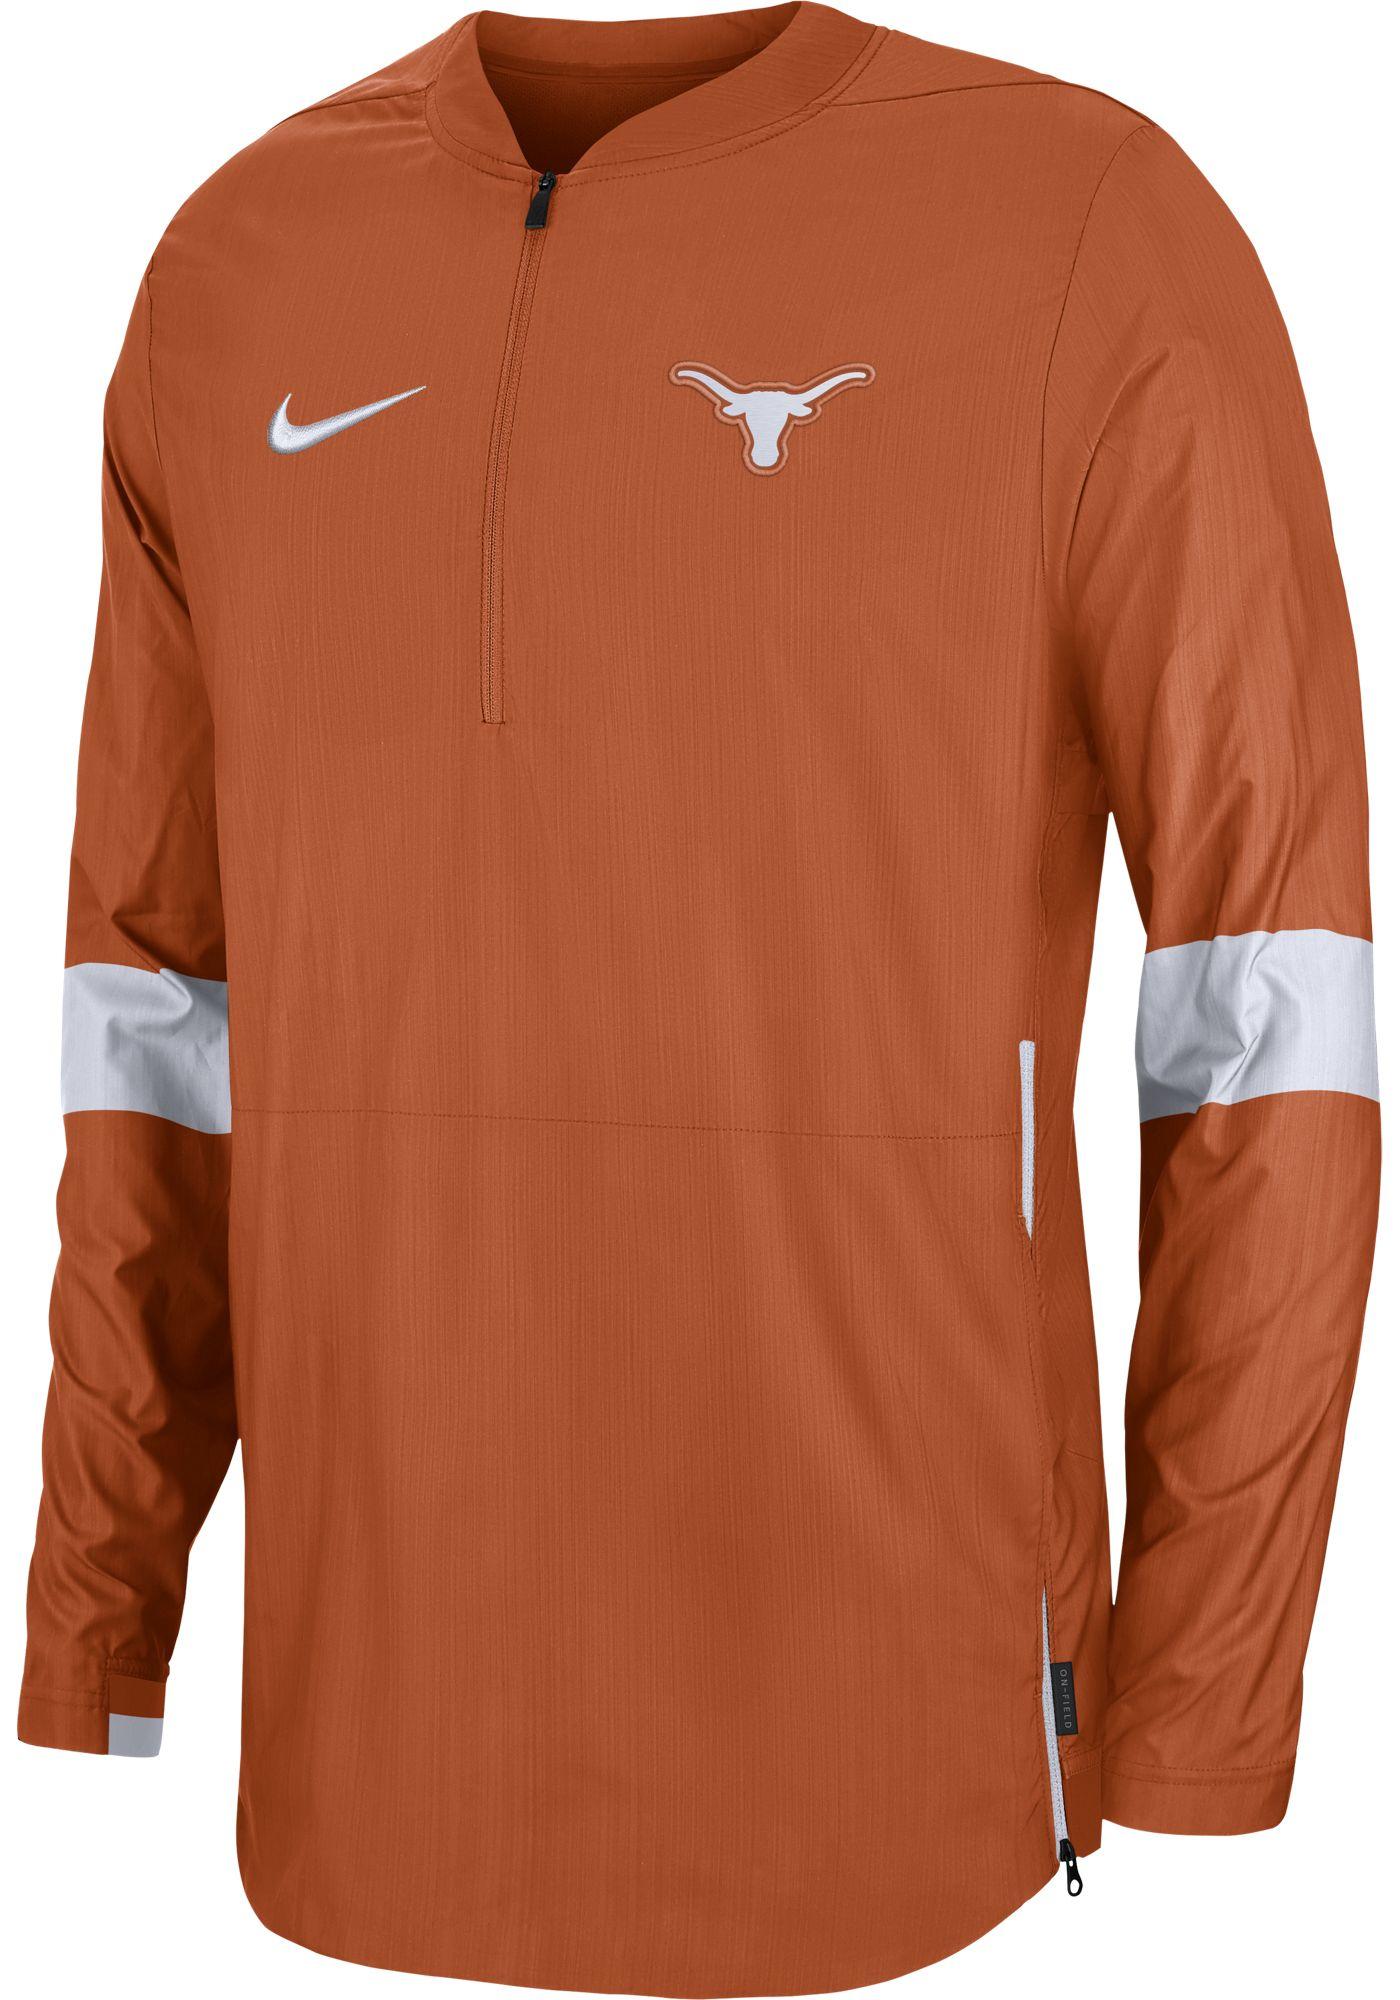 Nike Men's Texas Longhorns Burnt Orange Lockdown Half-Zip Football Jacket